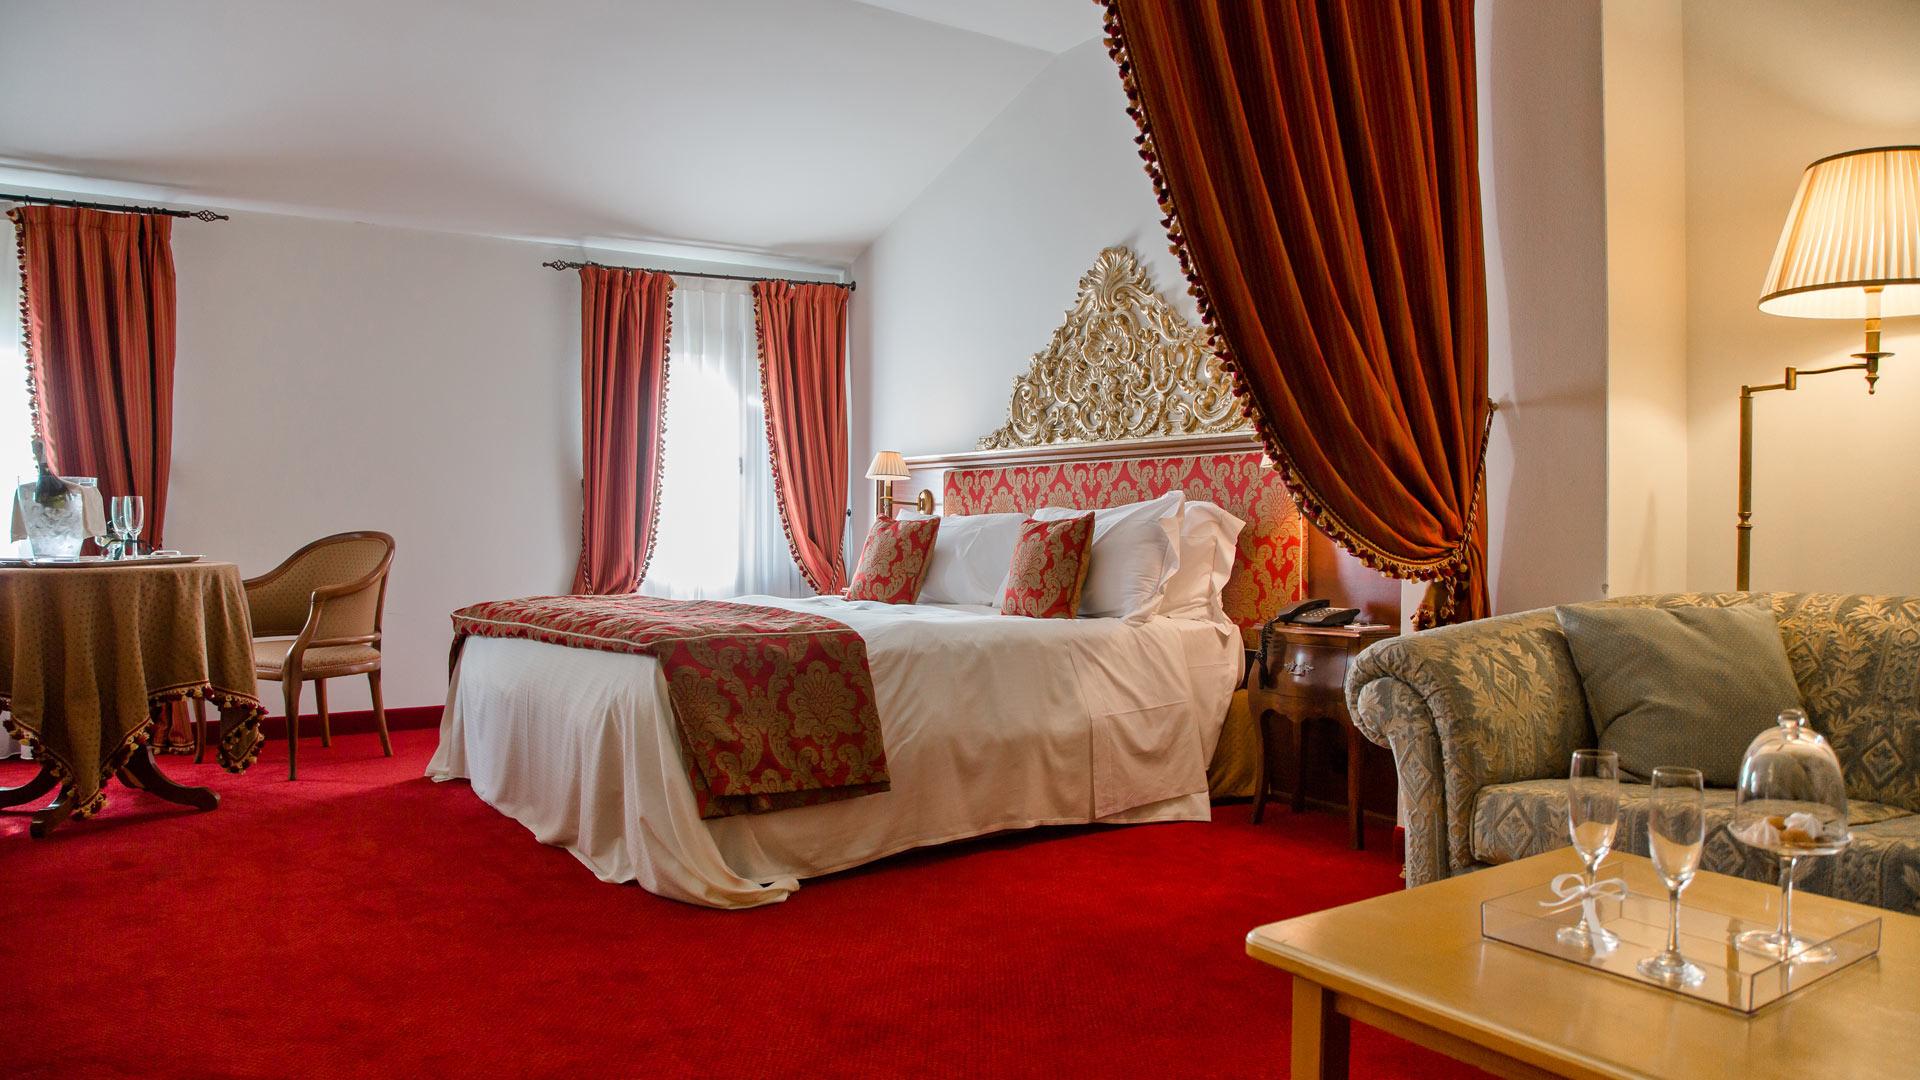 Executive garden hotel villa condulmer for Executive garden rooms